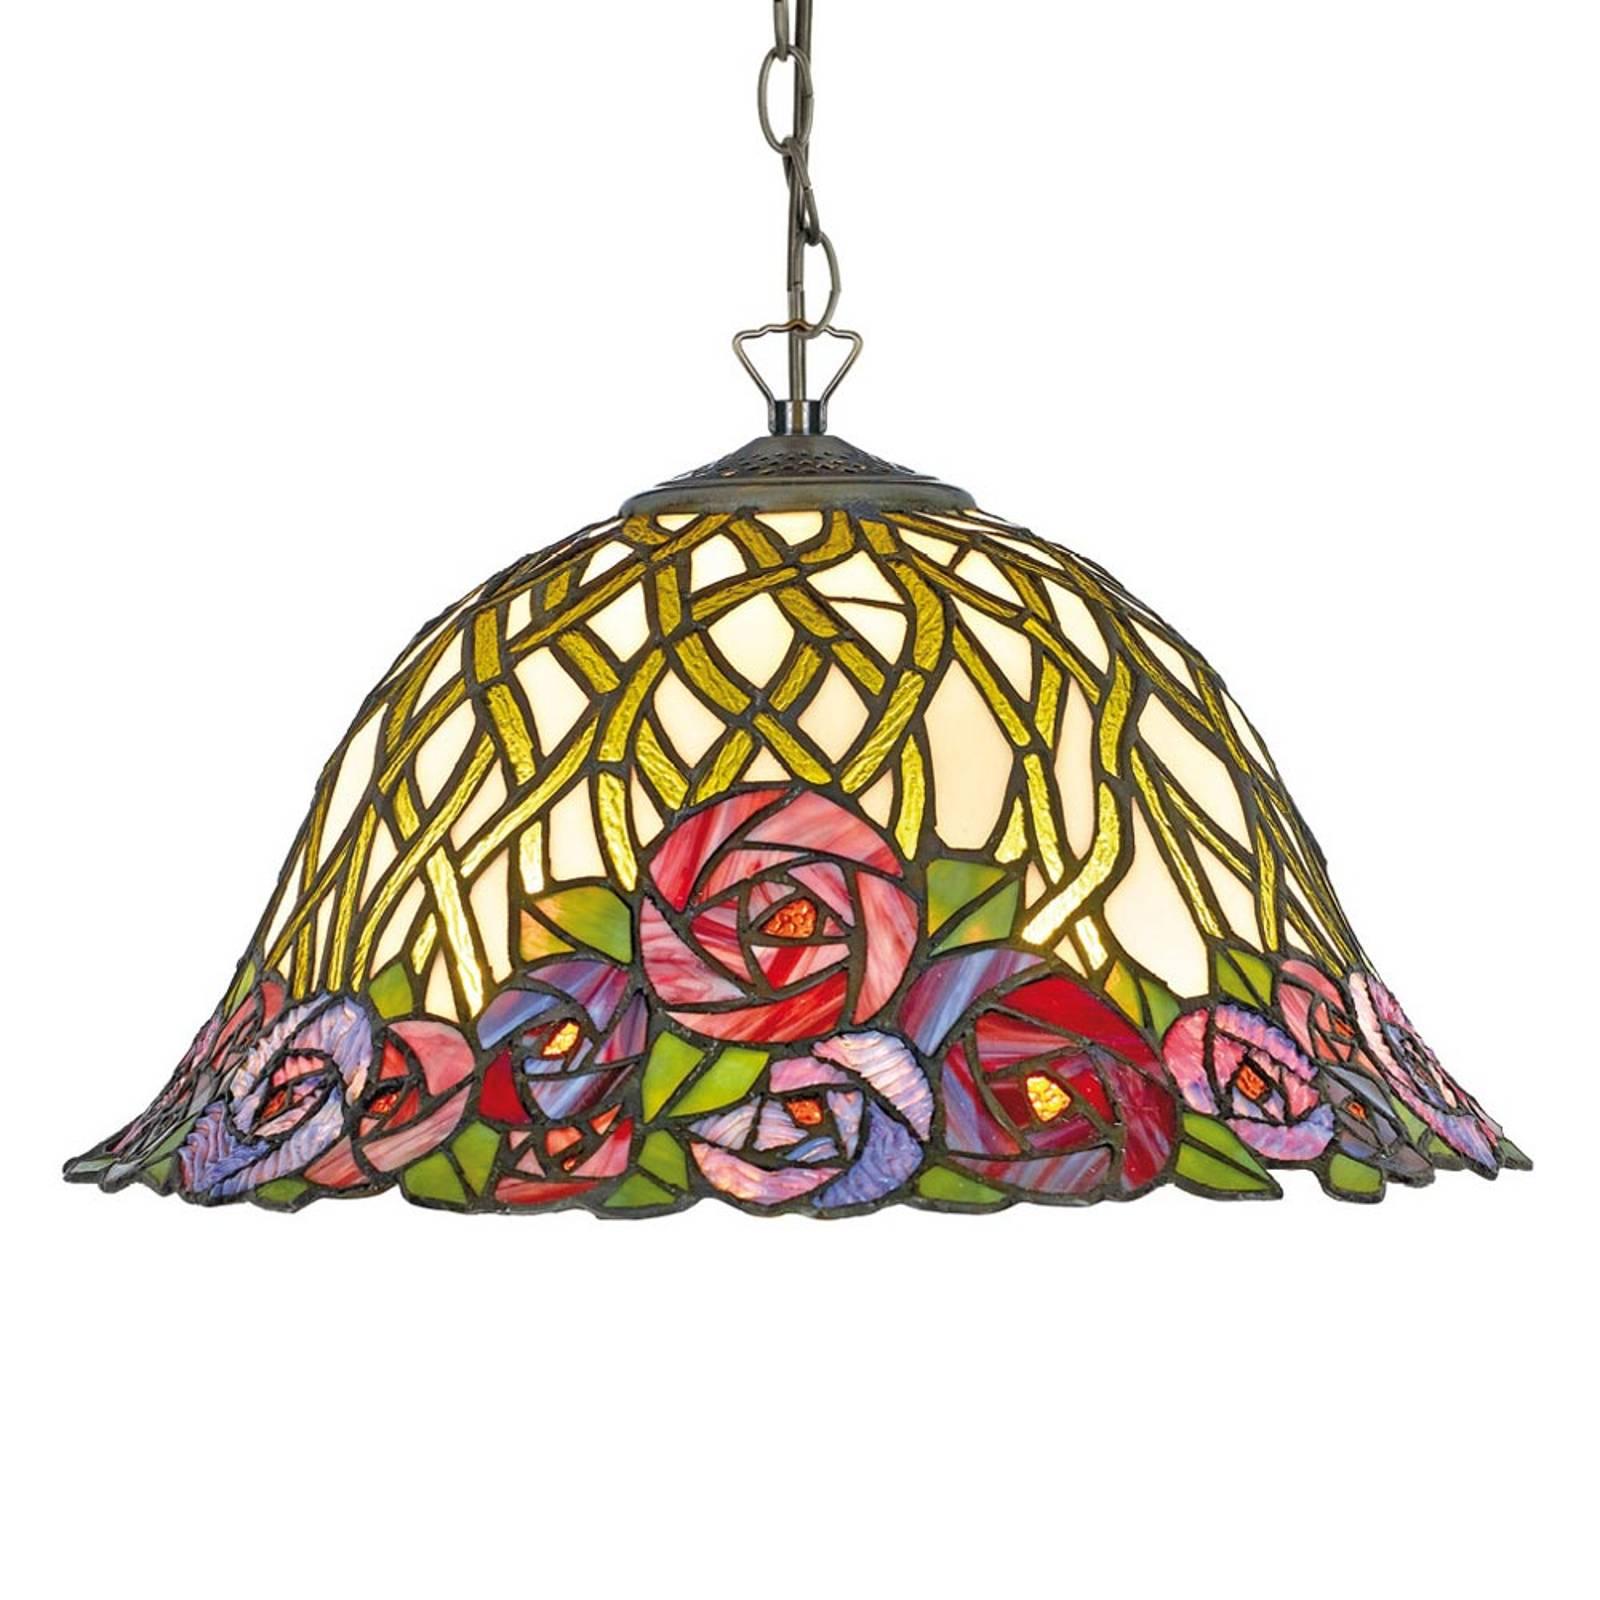 Lampen von ARTISTAR. Günstig online kaufen bei Möbel & Garten.